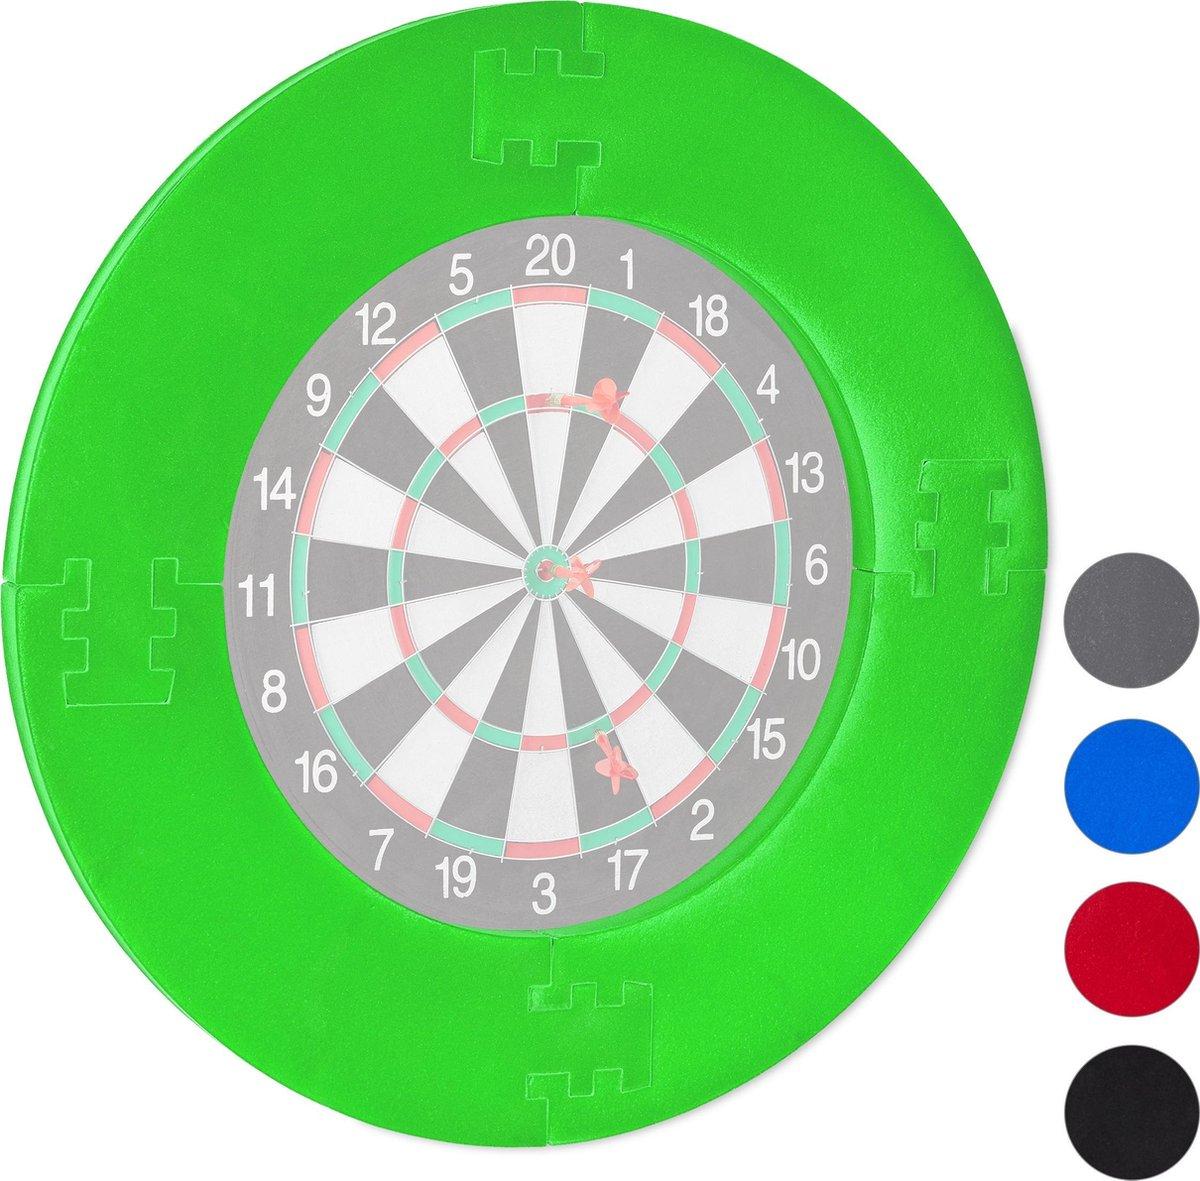 relaxdays dartbord surround ring - beschermring - bescherming voor muur - beschermrand groen